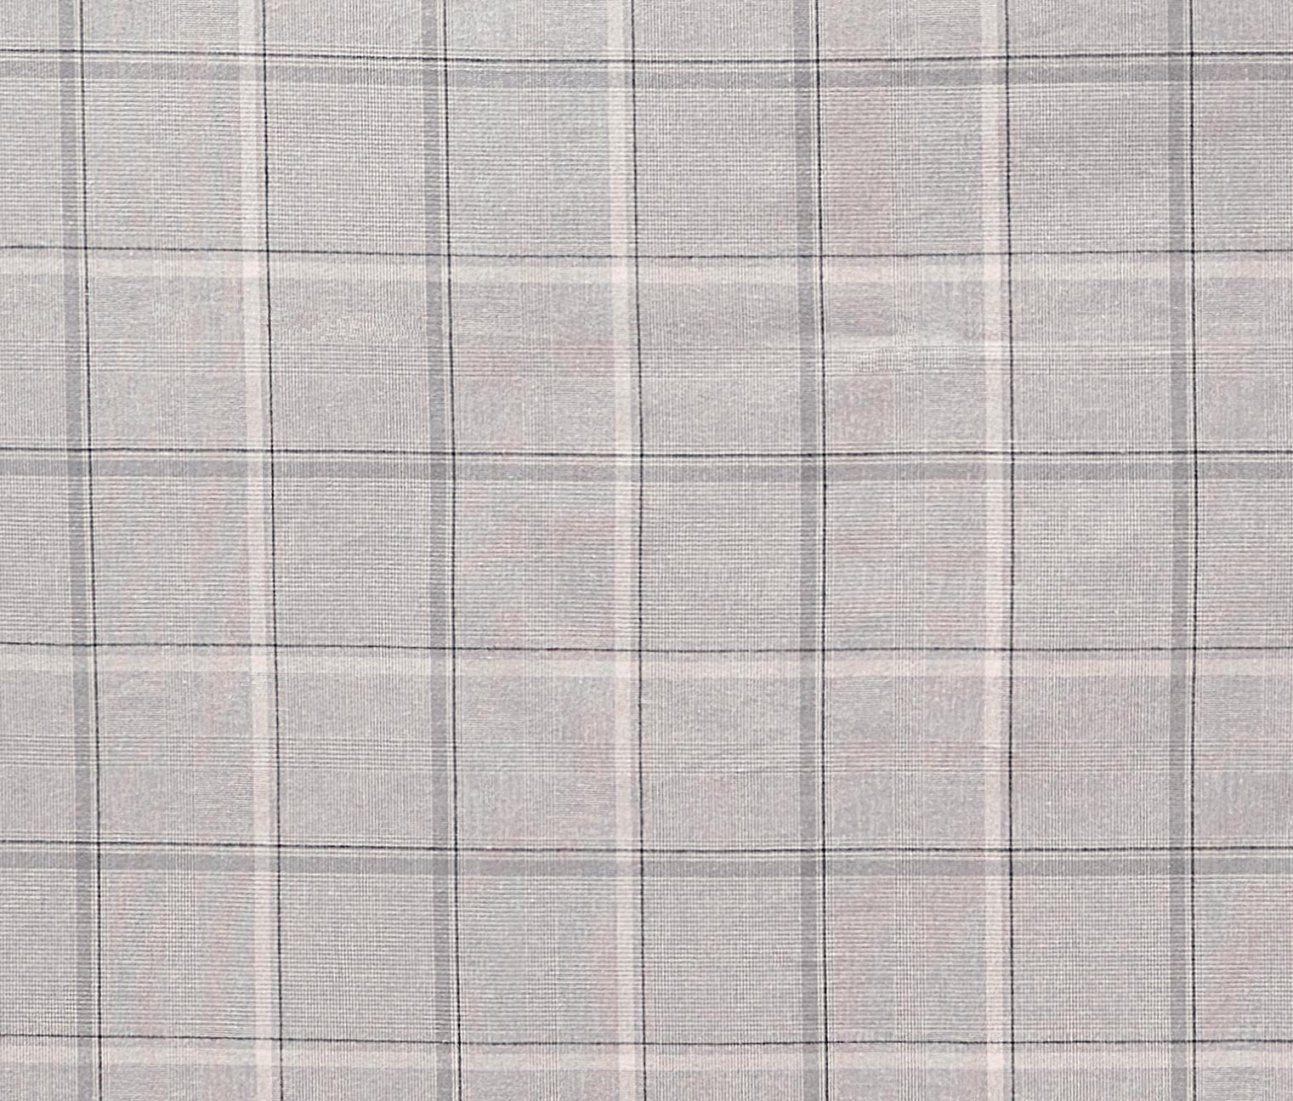 Flanellbettwäsche Normalgröße Online Bestellen Bei Tchibo 348051 von Tchibo Flanell Bettwäsche Bild